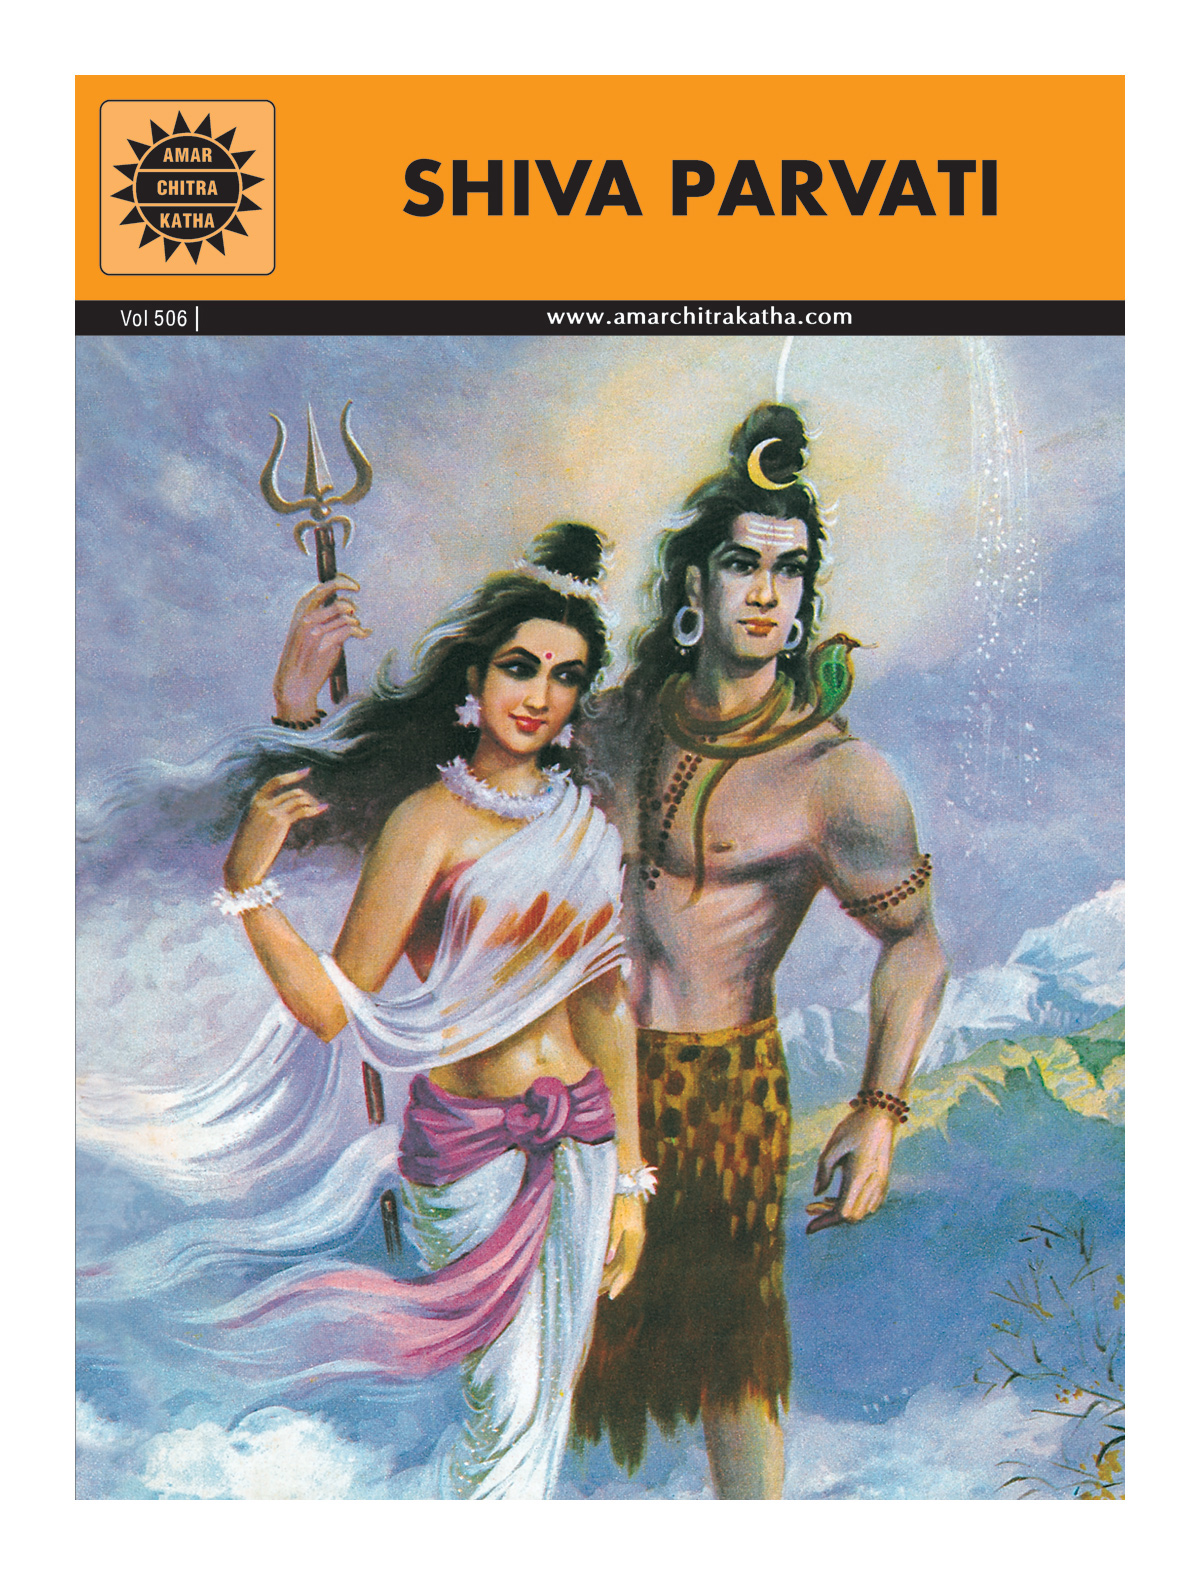 Amar Chitra Katha Wallpaper Http://cdn.firstcry.com/